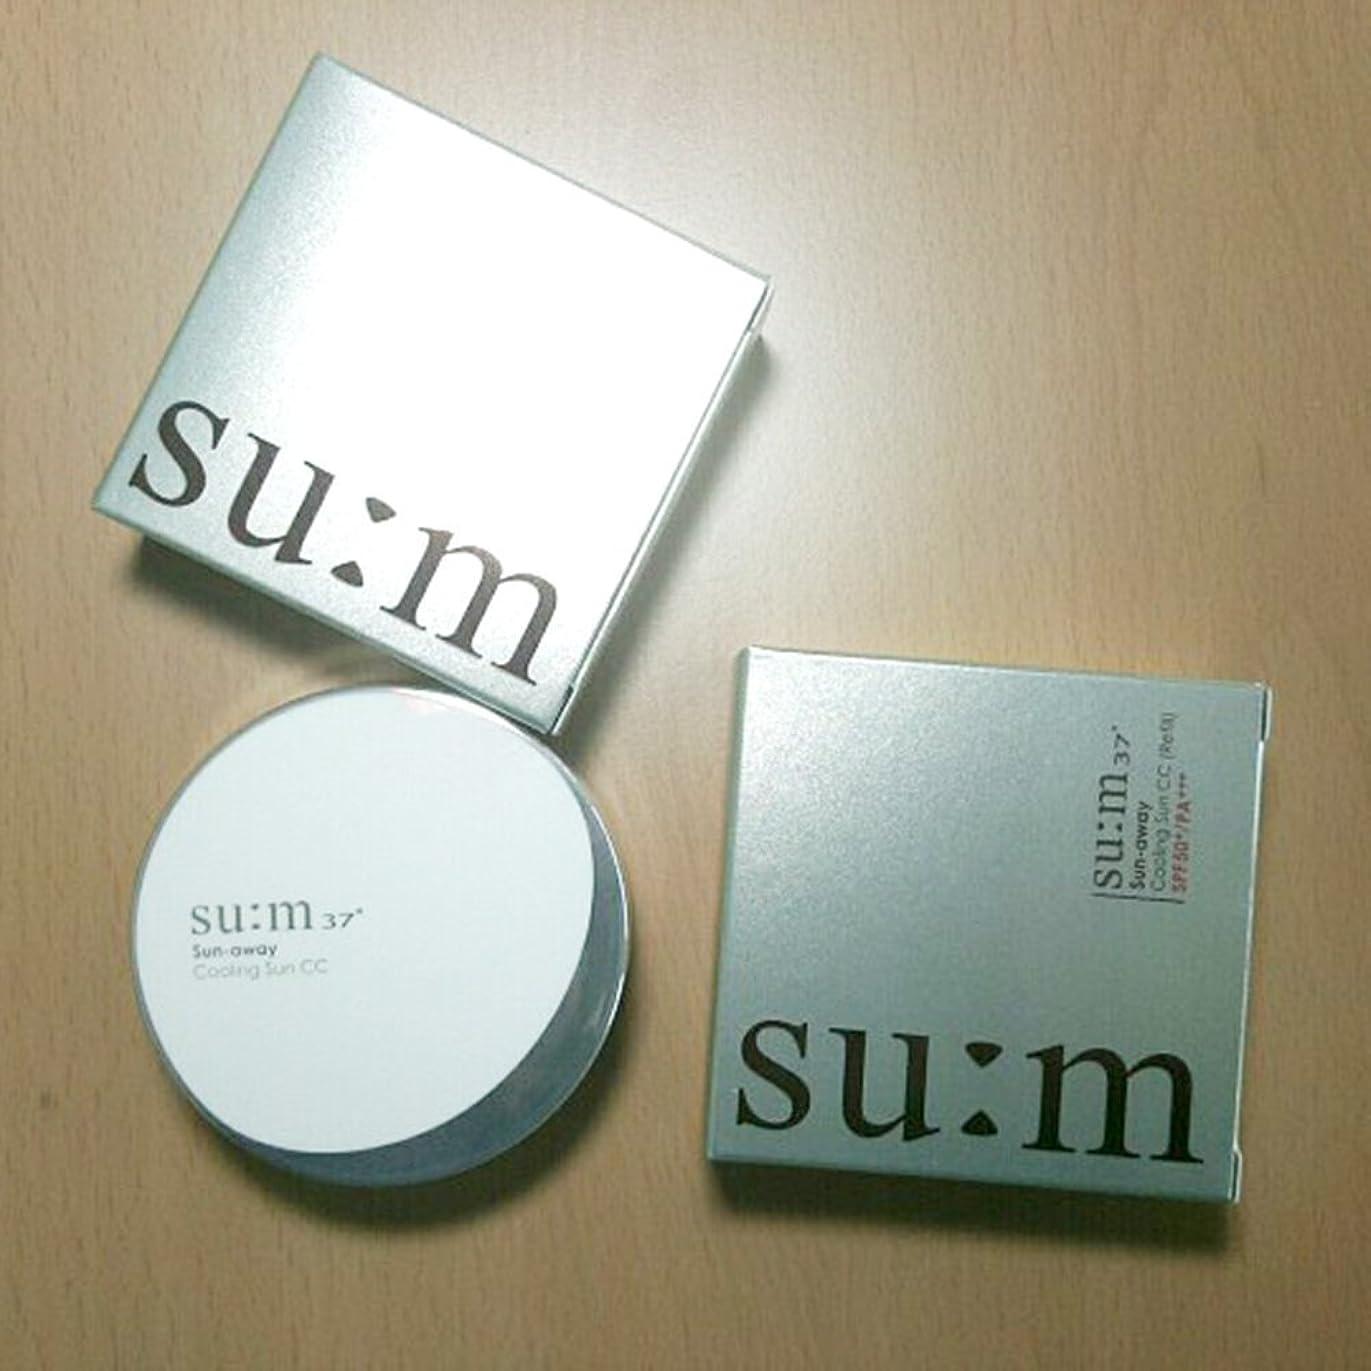 ビーチシンカン深い[su:m37/スム37°] SUM37 Sun-away Cooling Sun CC cushion 本品1個+リフィル2個/スム37 サンアウェイ クーリングサンCC 企画 +[Sample Gift](海外直送品)